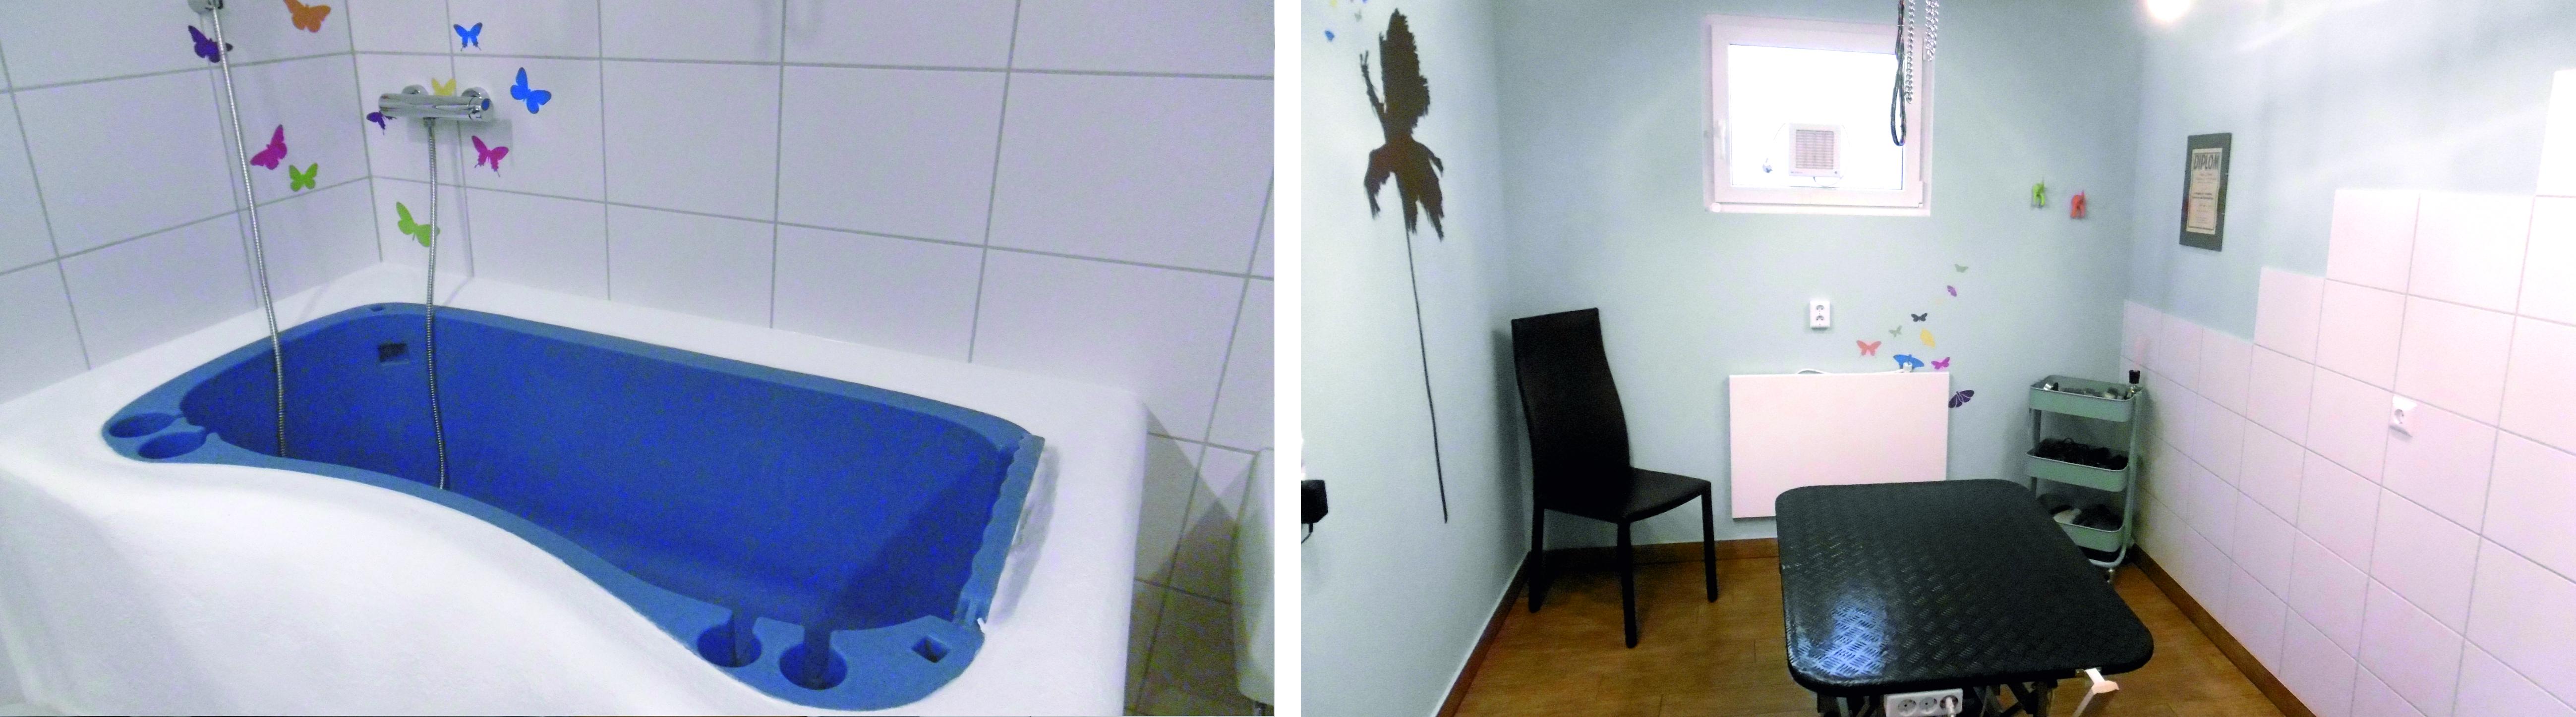 Badewanne, Scherbereich und Föhnbox